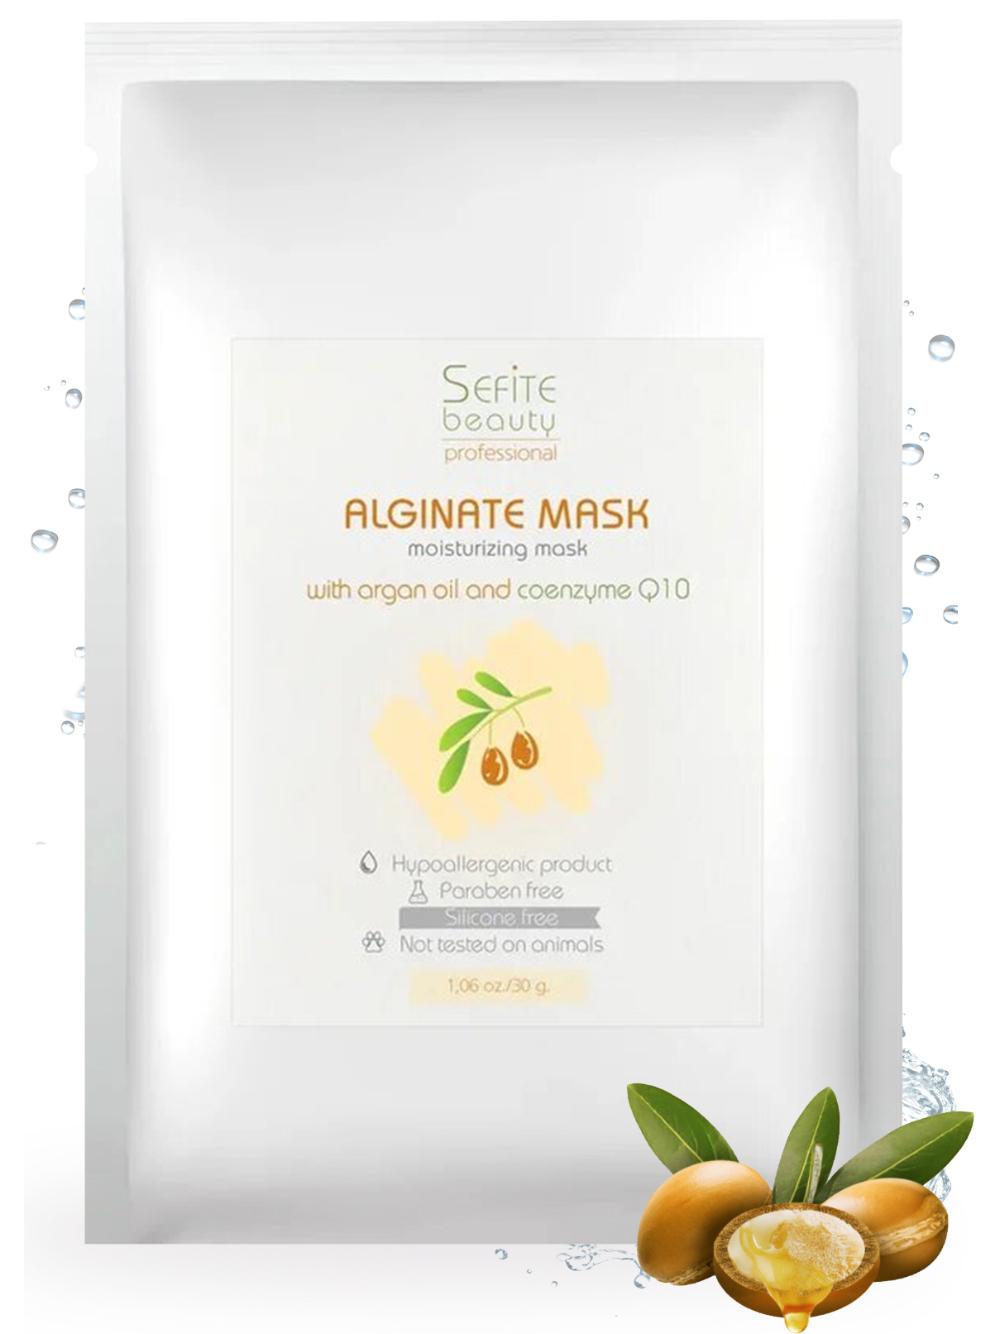 Увлажняющая альгинатная маска с маслом арганы и коэнзимом Q10, 30гр.